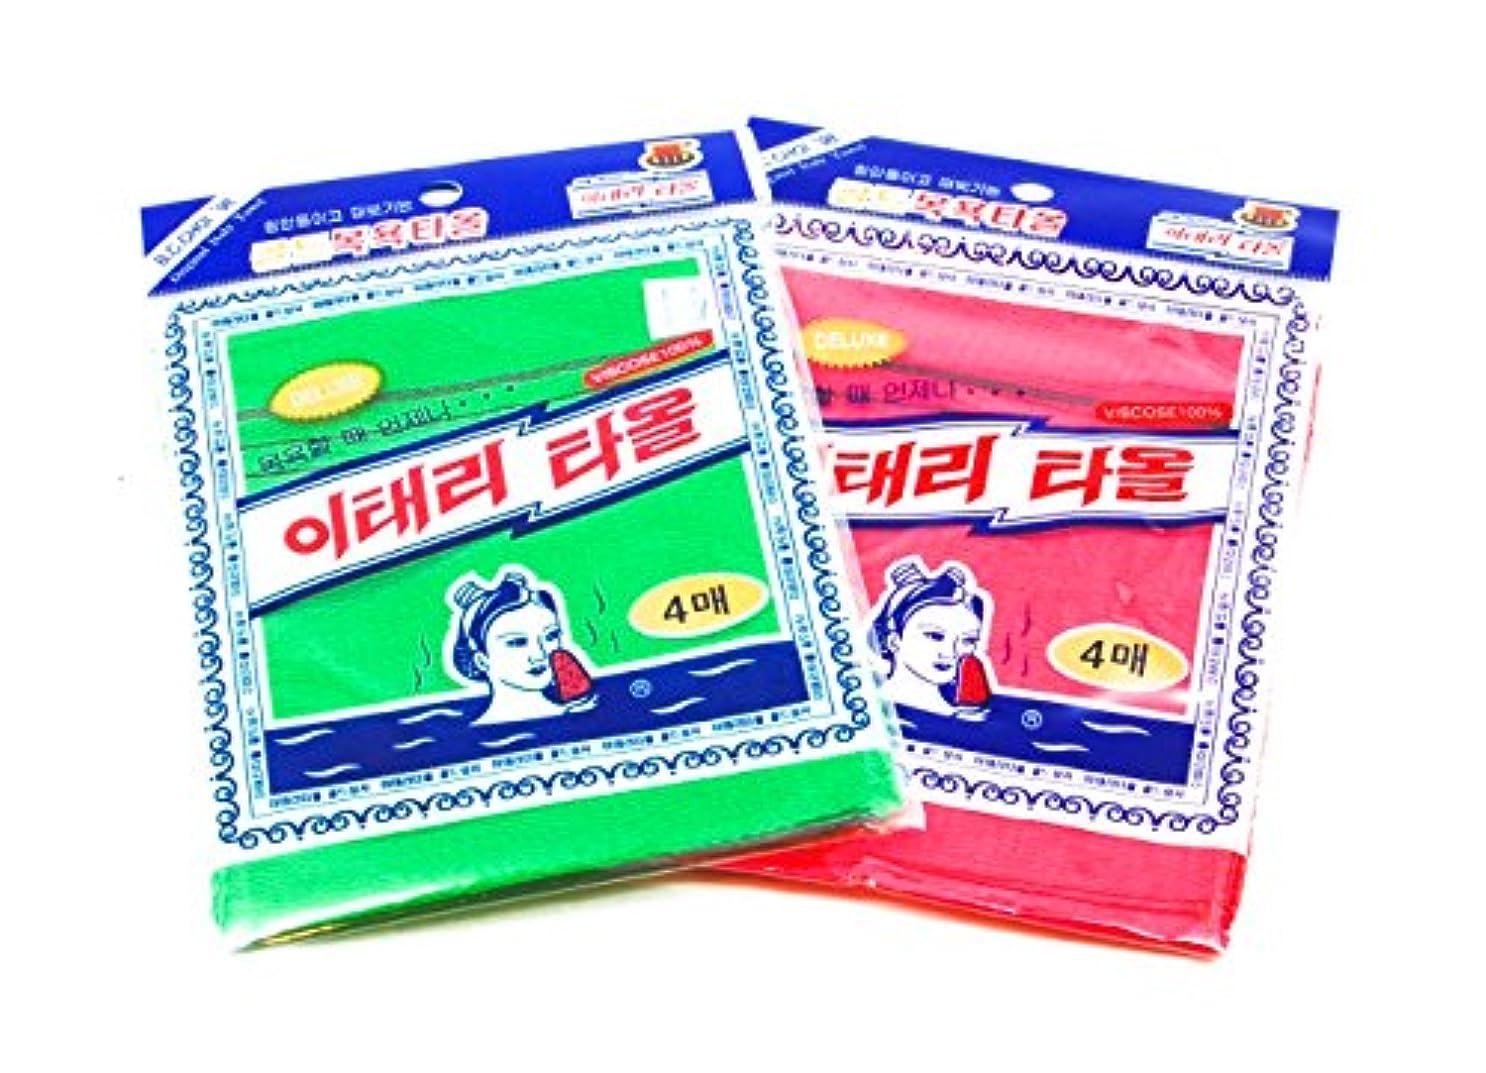 混雑階段形容詞アカスリタオル (韓国式あかすりタオル) 8枚セット